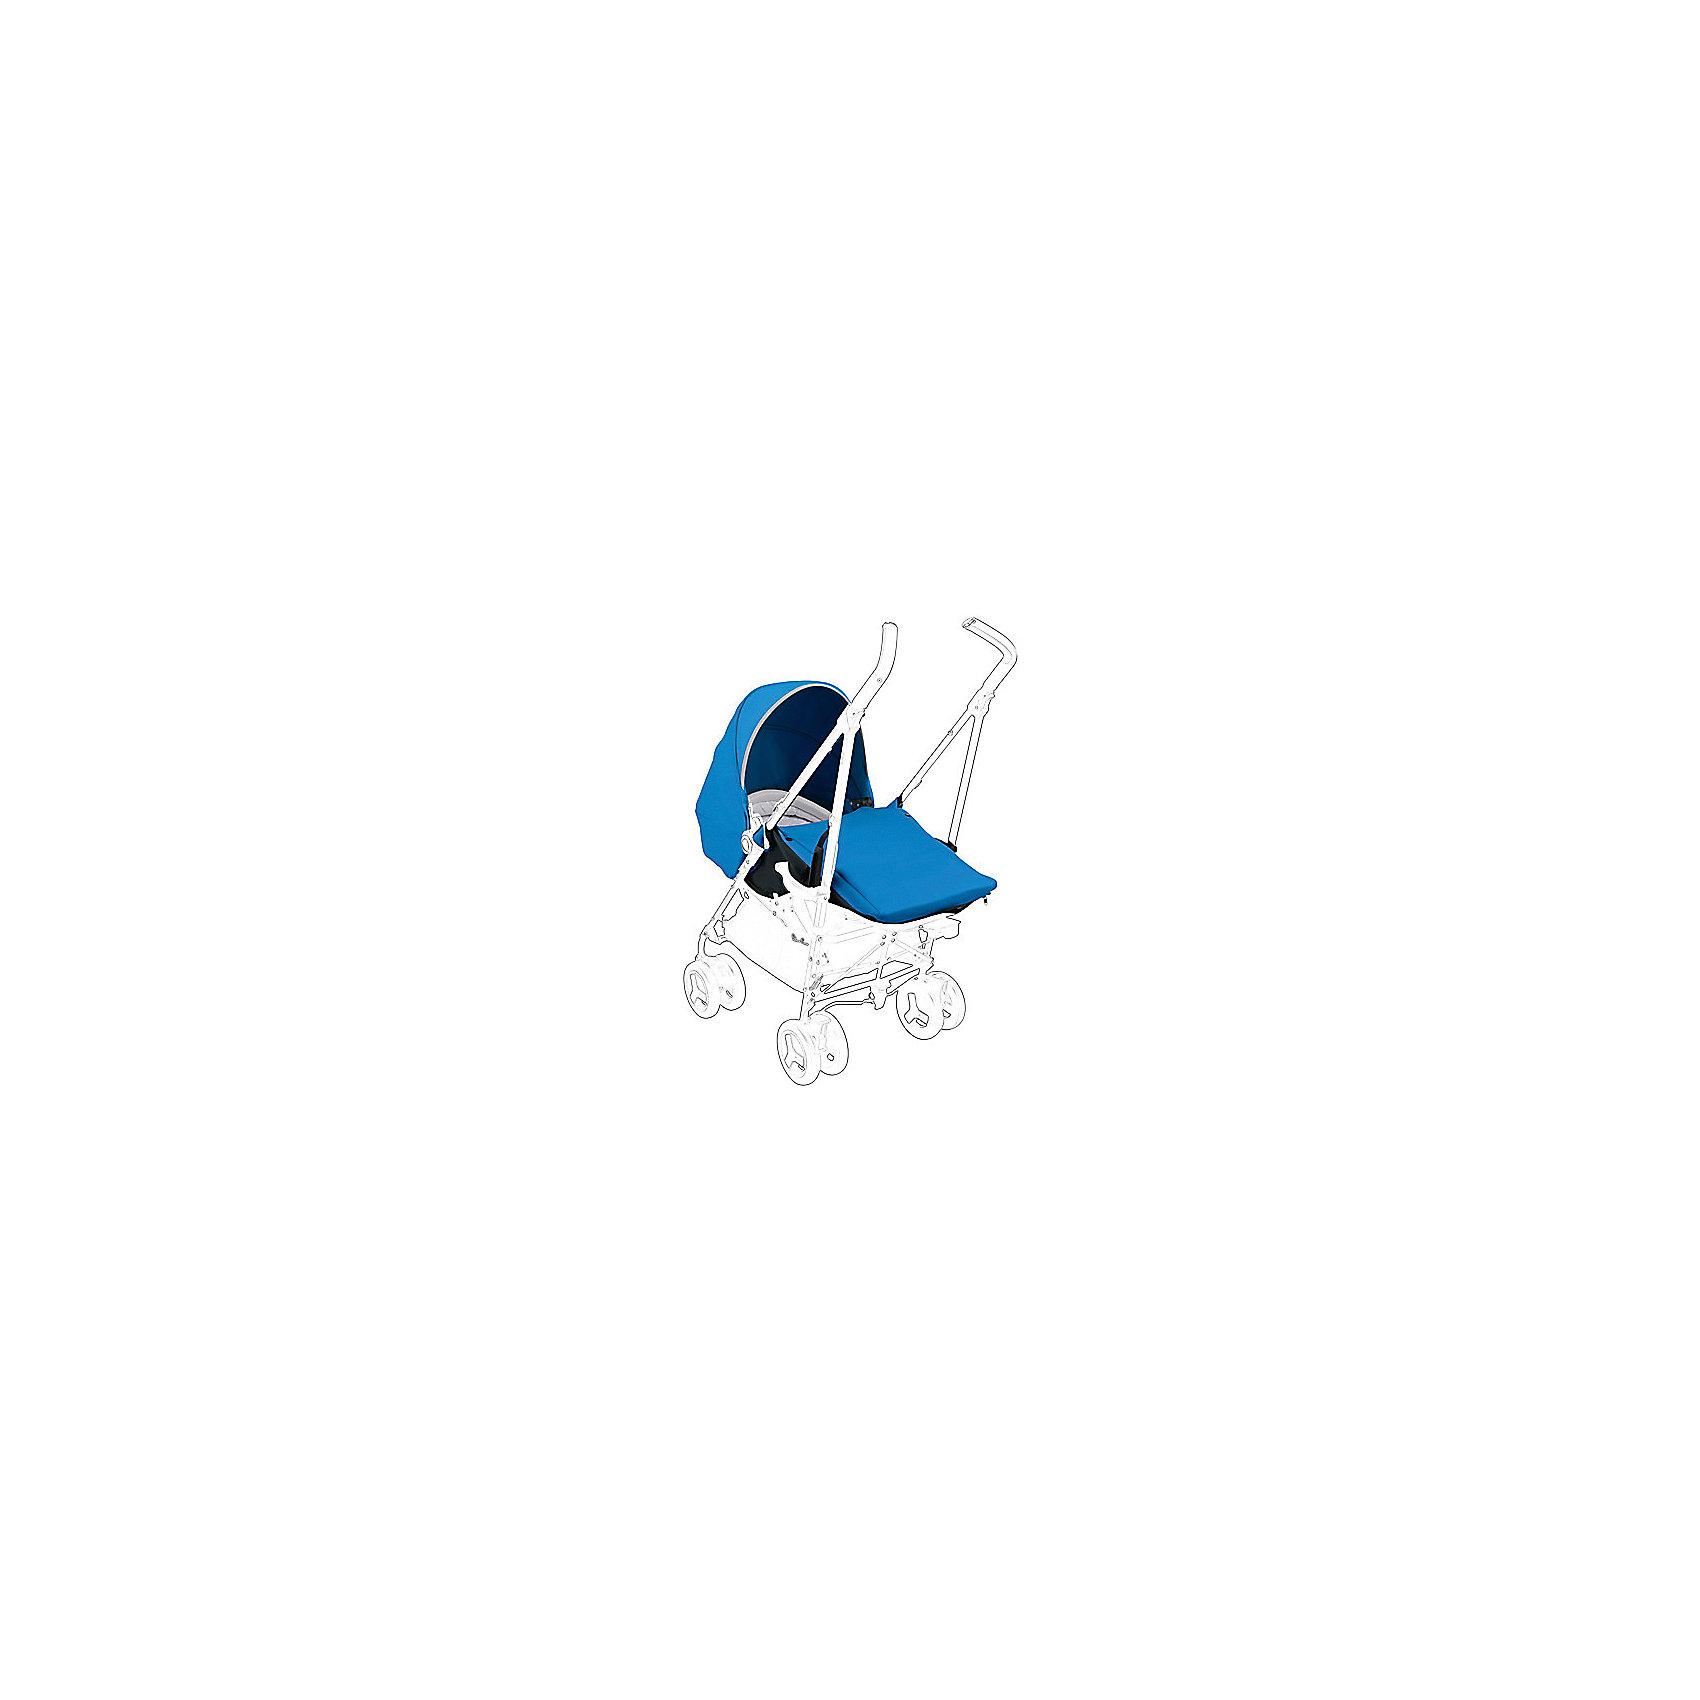 Доп. комплект для коляски Reflex, Silver Cross, голубойВ первые годы жизни дети проводят в коляске достаточно много времени.Обеспечить ребенку удобство в коляске - ответсвенная задача для родителей. Для владельцев колясок модели Reflex от бренда Silver Cross есть возможность значительно повысить комфорт малыша, установив на коляску такой специальный комплект:  вкладыш, чехол для ног и в цвет им - капюшон.<br>Капюшон обеспечит ребенку защиту не только от осадков - материал капюшона пропускает минимальное количество ультрафиолетовых лучей, которые могут быть опасны для малыша. Капюшон прочный, стильно выглядит. Сделан комплект из качественных материалов, безопасных для ребенка.<br><br>Дополнительная информация:<br><br>цвет: голубой;<br>материал: текстиль, металл;<br>легко устанавливается;<br>капюшон имеет возможность фиксации в нескольких положениях;<br>прочный корпус;<br>пятиточечные ремни безопасности;<br>надежные крепления к коляске;<br>легко чистится.<br><br>Доп. комплект для коляски Reflex от бренда Silver Cross можно купить в нашем магазине.<br><br>Ширина мм: 300<br>Глубина мм: 300<br>Высота мм: 110<br>Вес г: 12900<br>Возраст от месяцев: 0<br>Возраст до месяцев: 36<br>Пол: Унисекс<br>Возраст: Детский<br>SKU: 5011542